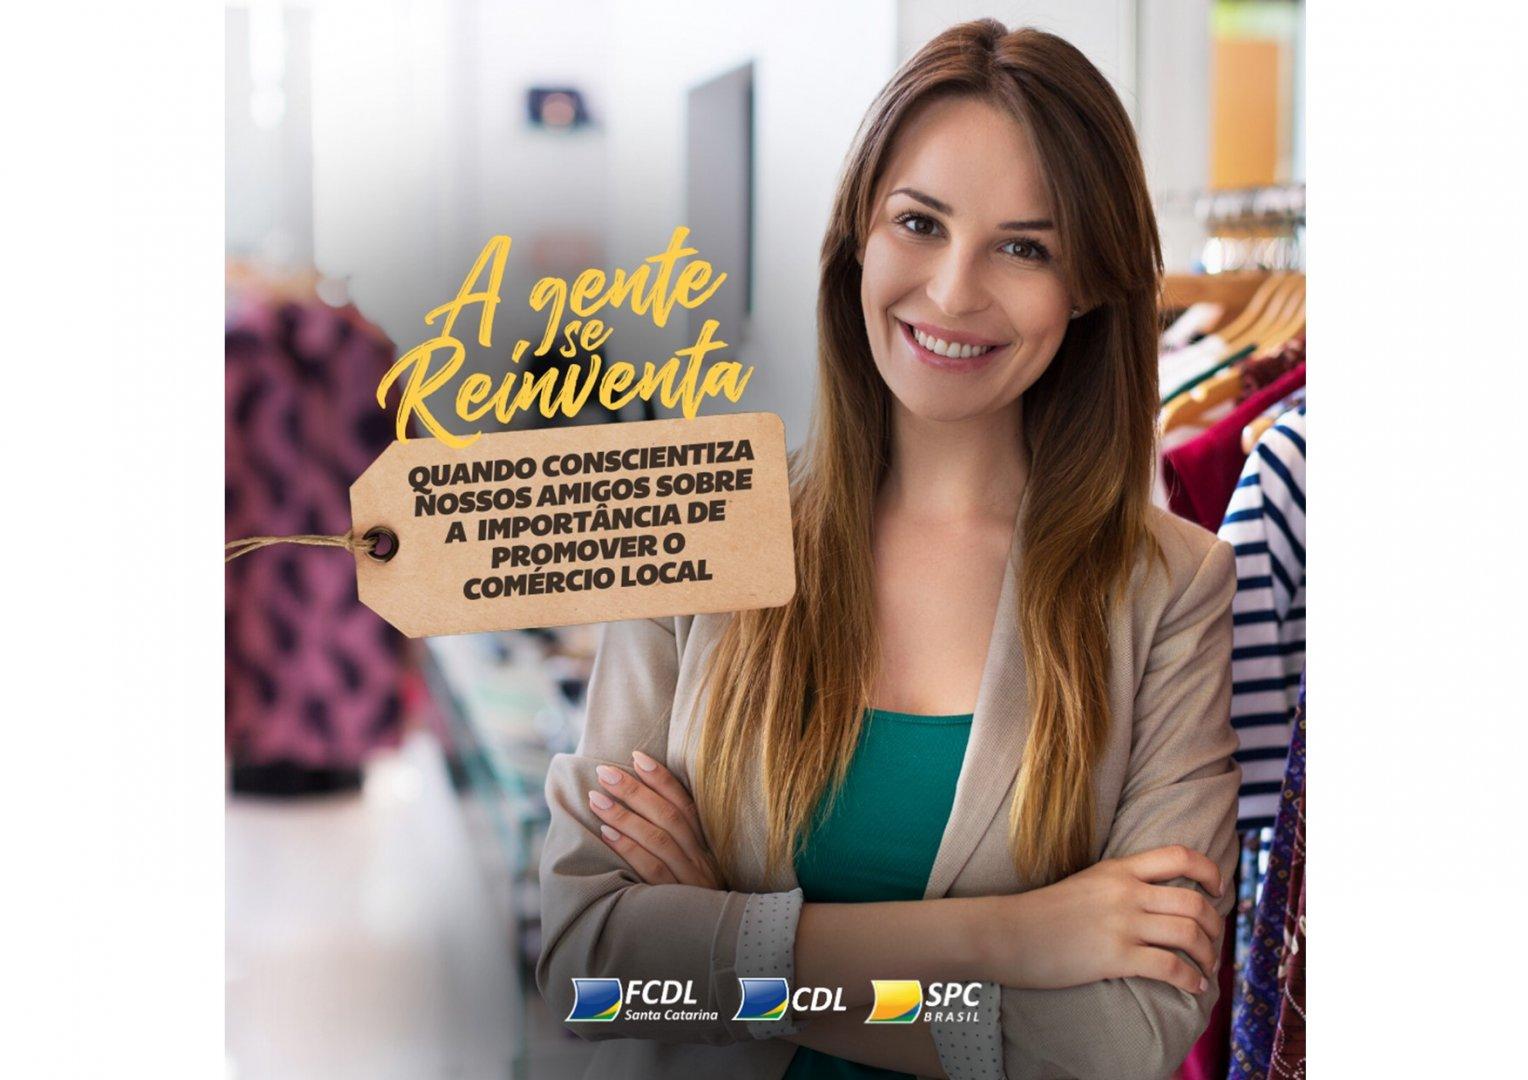 Federação lança campanha de Incentivo ao Comércio local